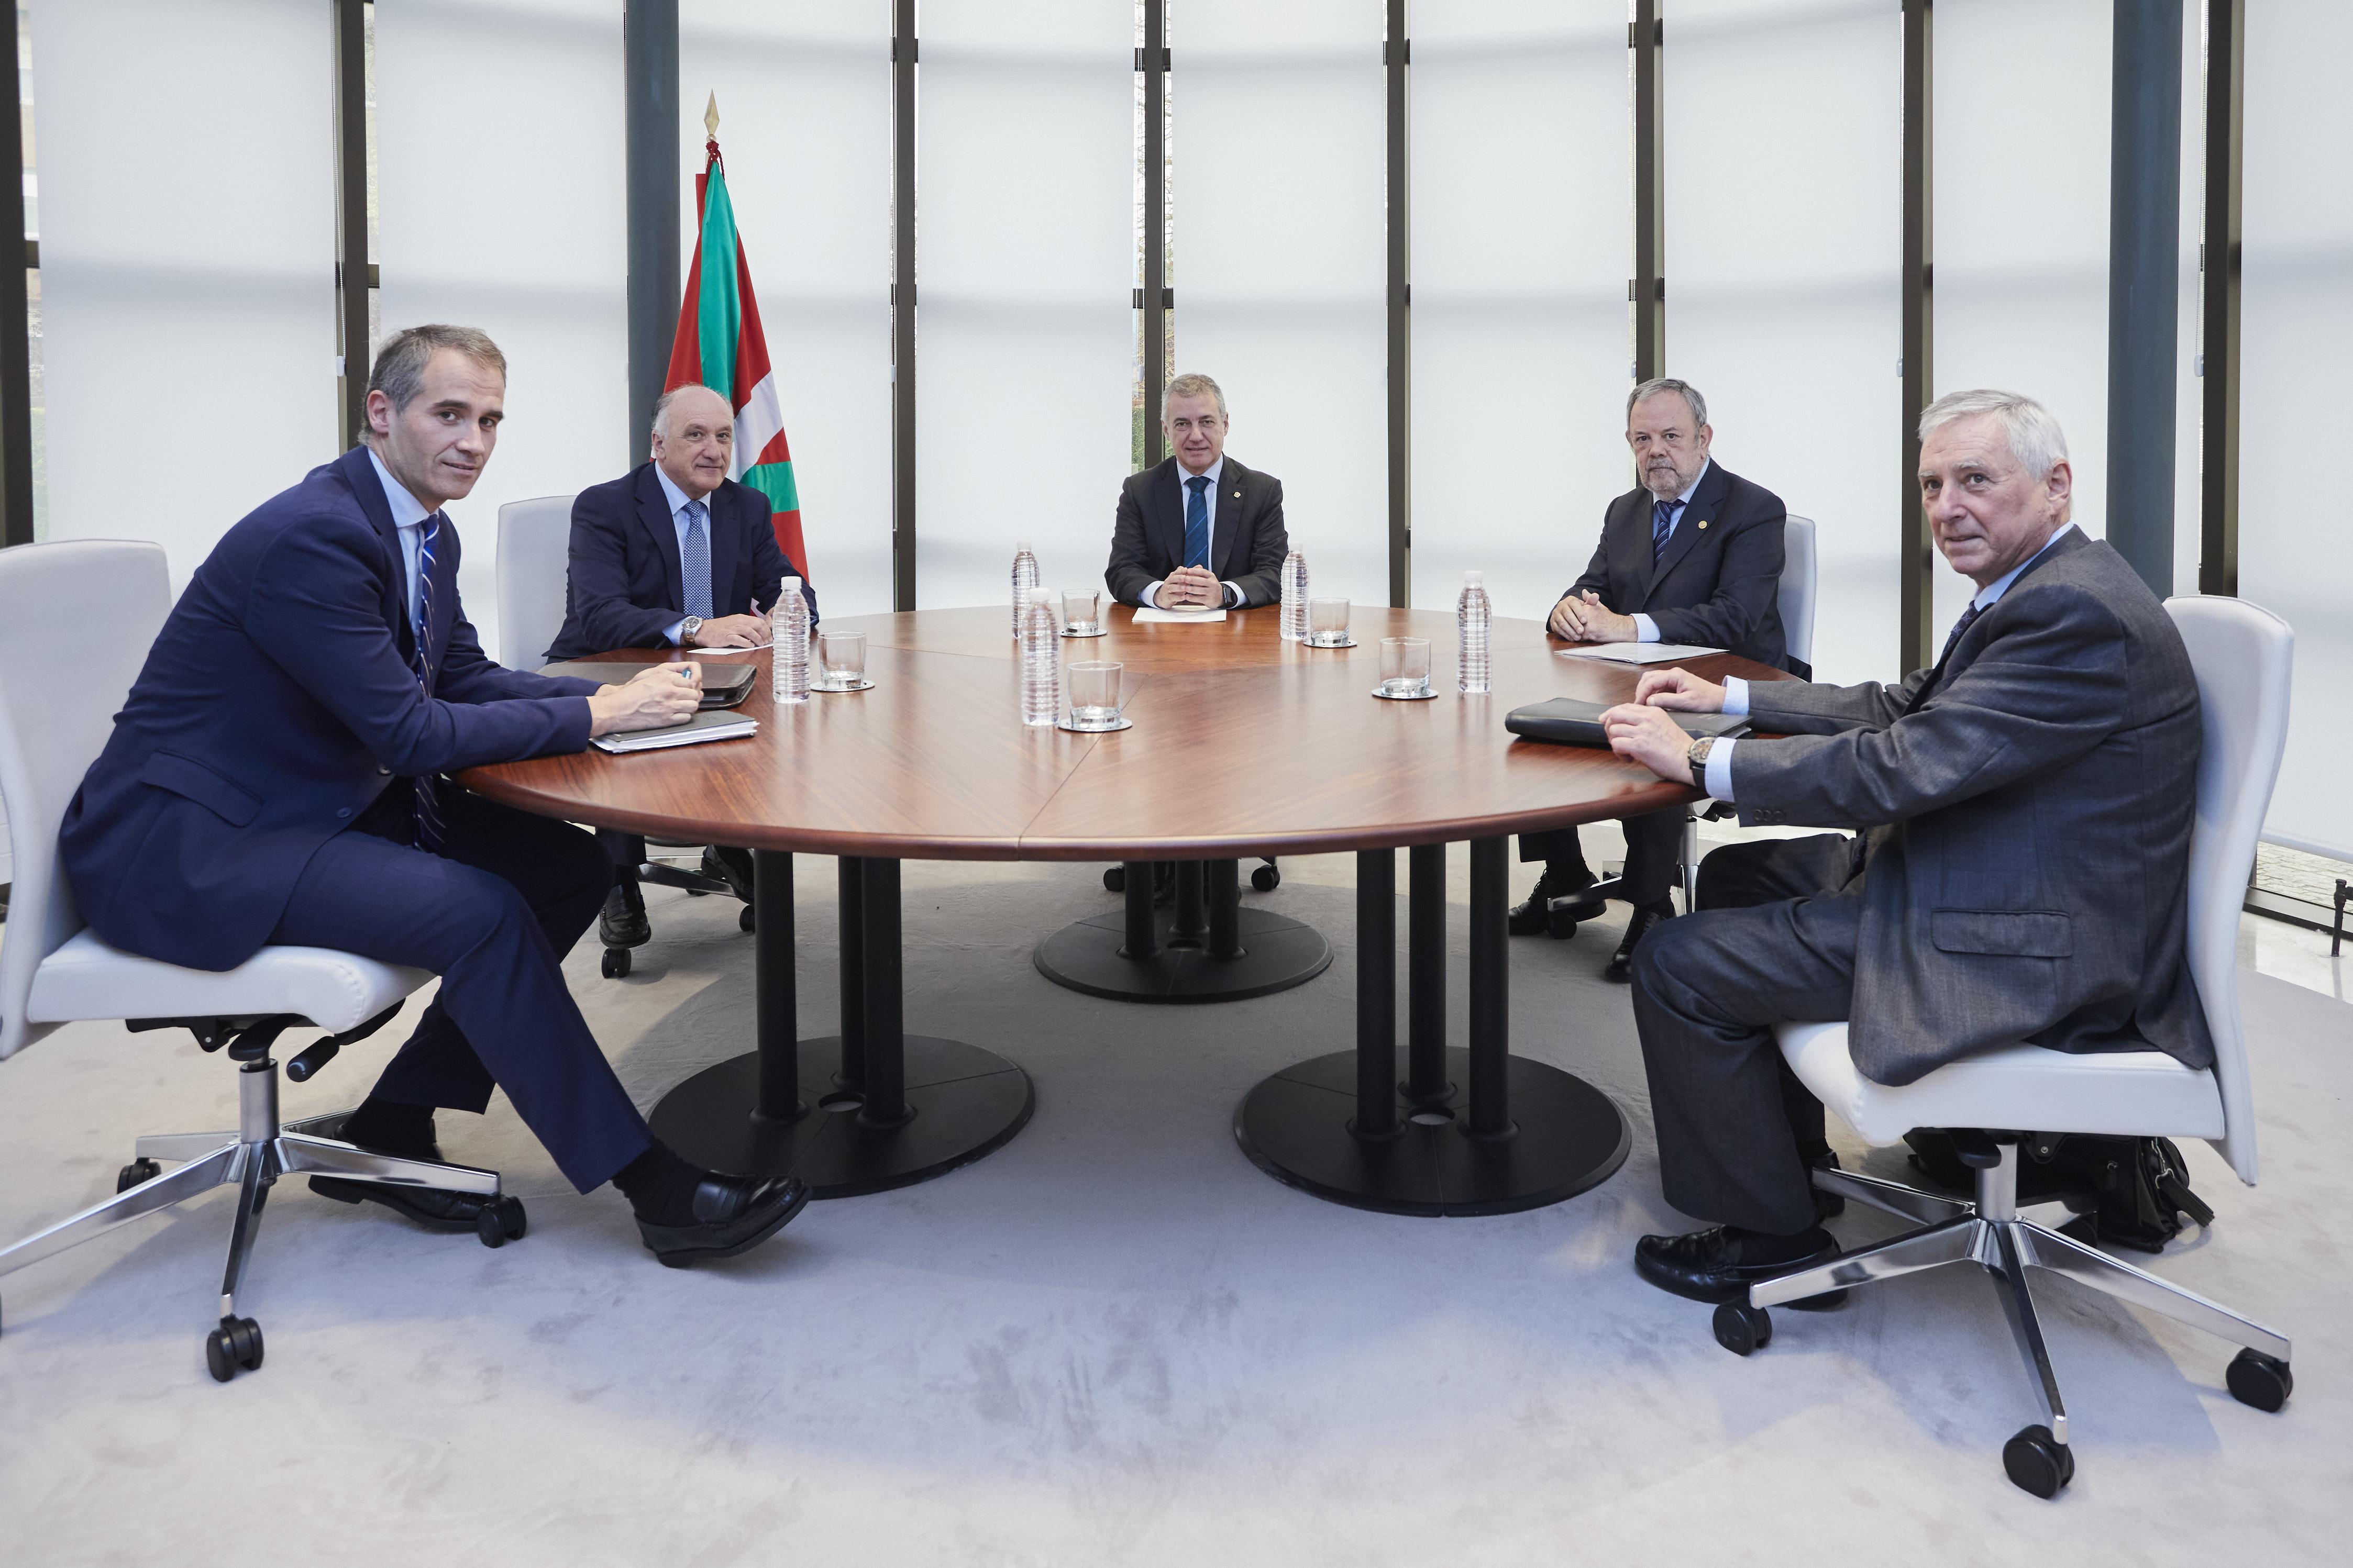 El Lehendakari y el Consejero Azpiazu se reúnen con Elkargi SGR para valorar la demanda de la línea de financiación de circulante de 500m/€ [1:47]